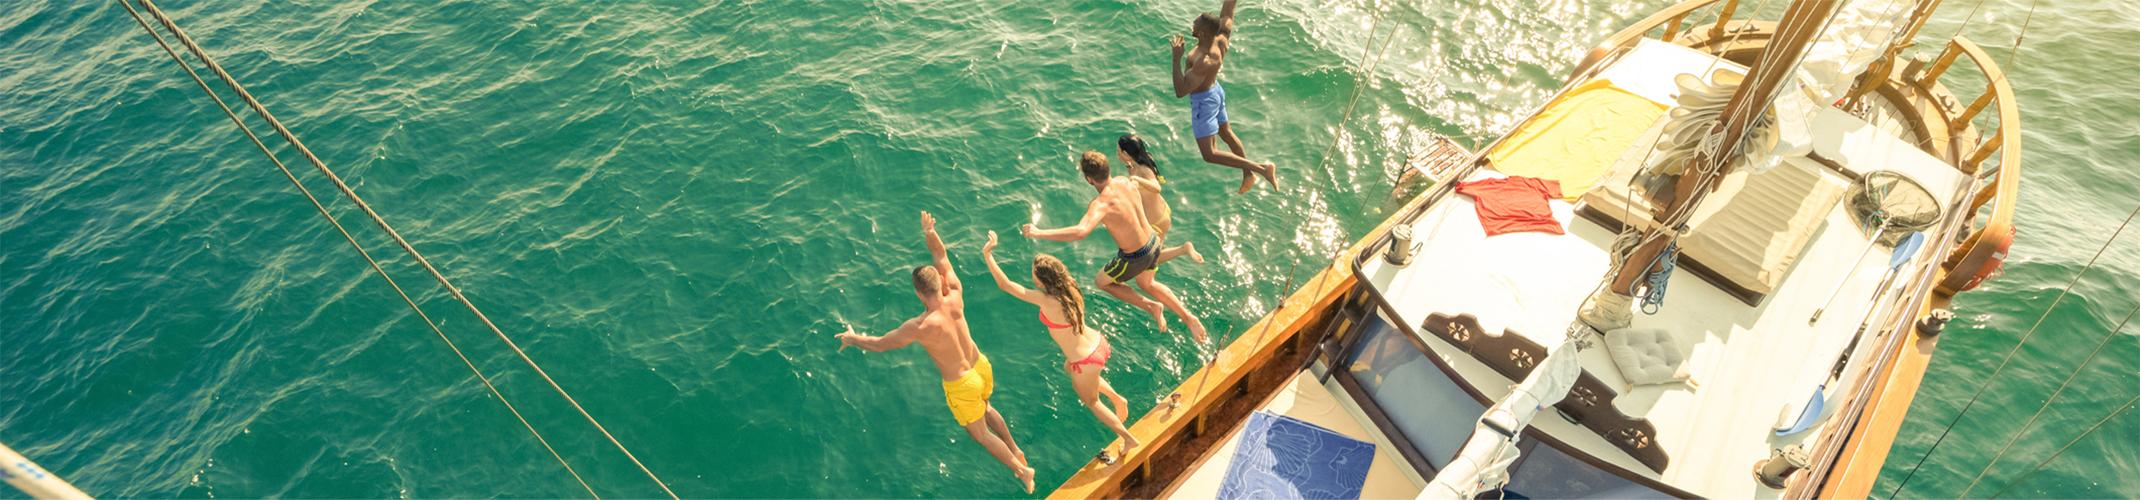 Croatia's Top Coastal Party Spots